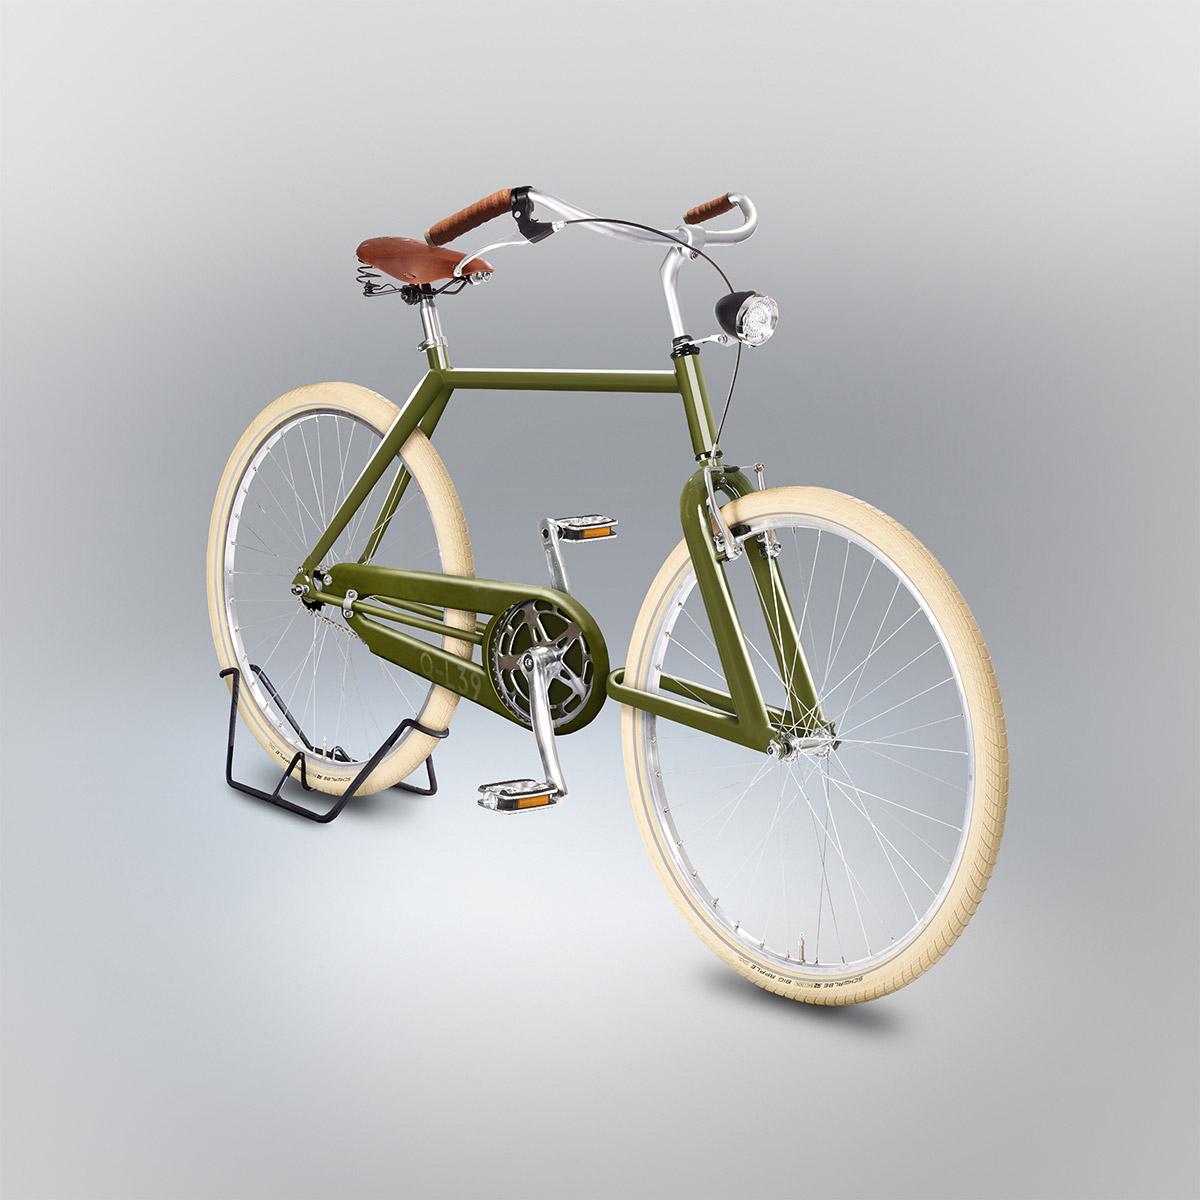 bike by mistake 10